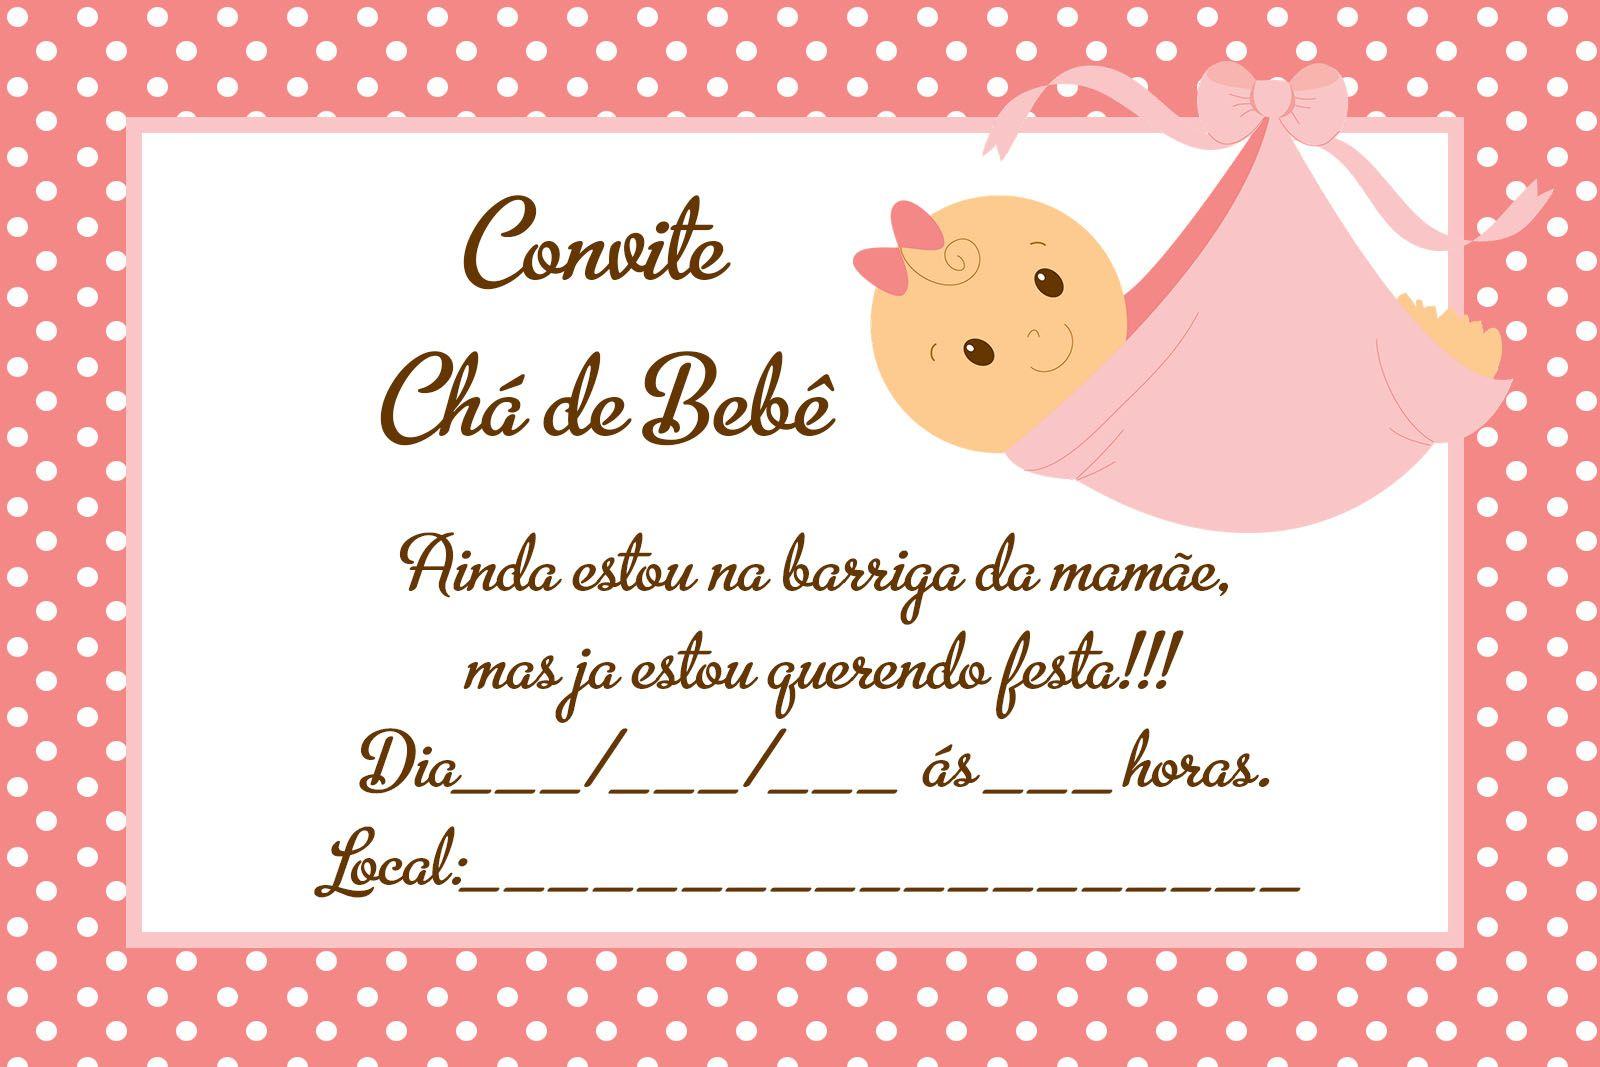 Convite Para Chá De Bebê Grátis Editáveis 2 Alana Convite Cha De